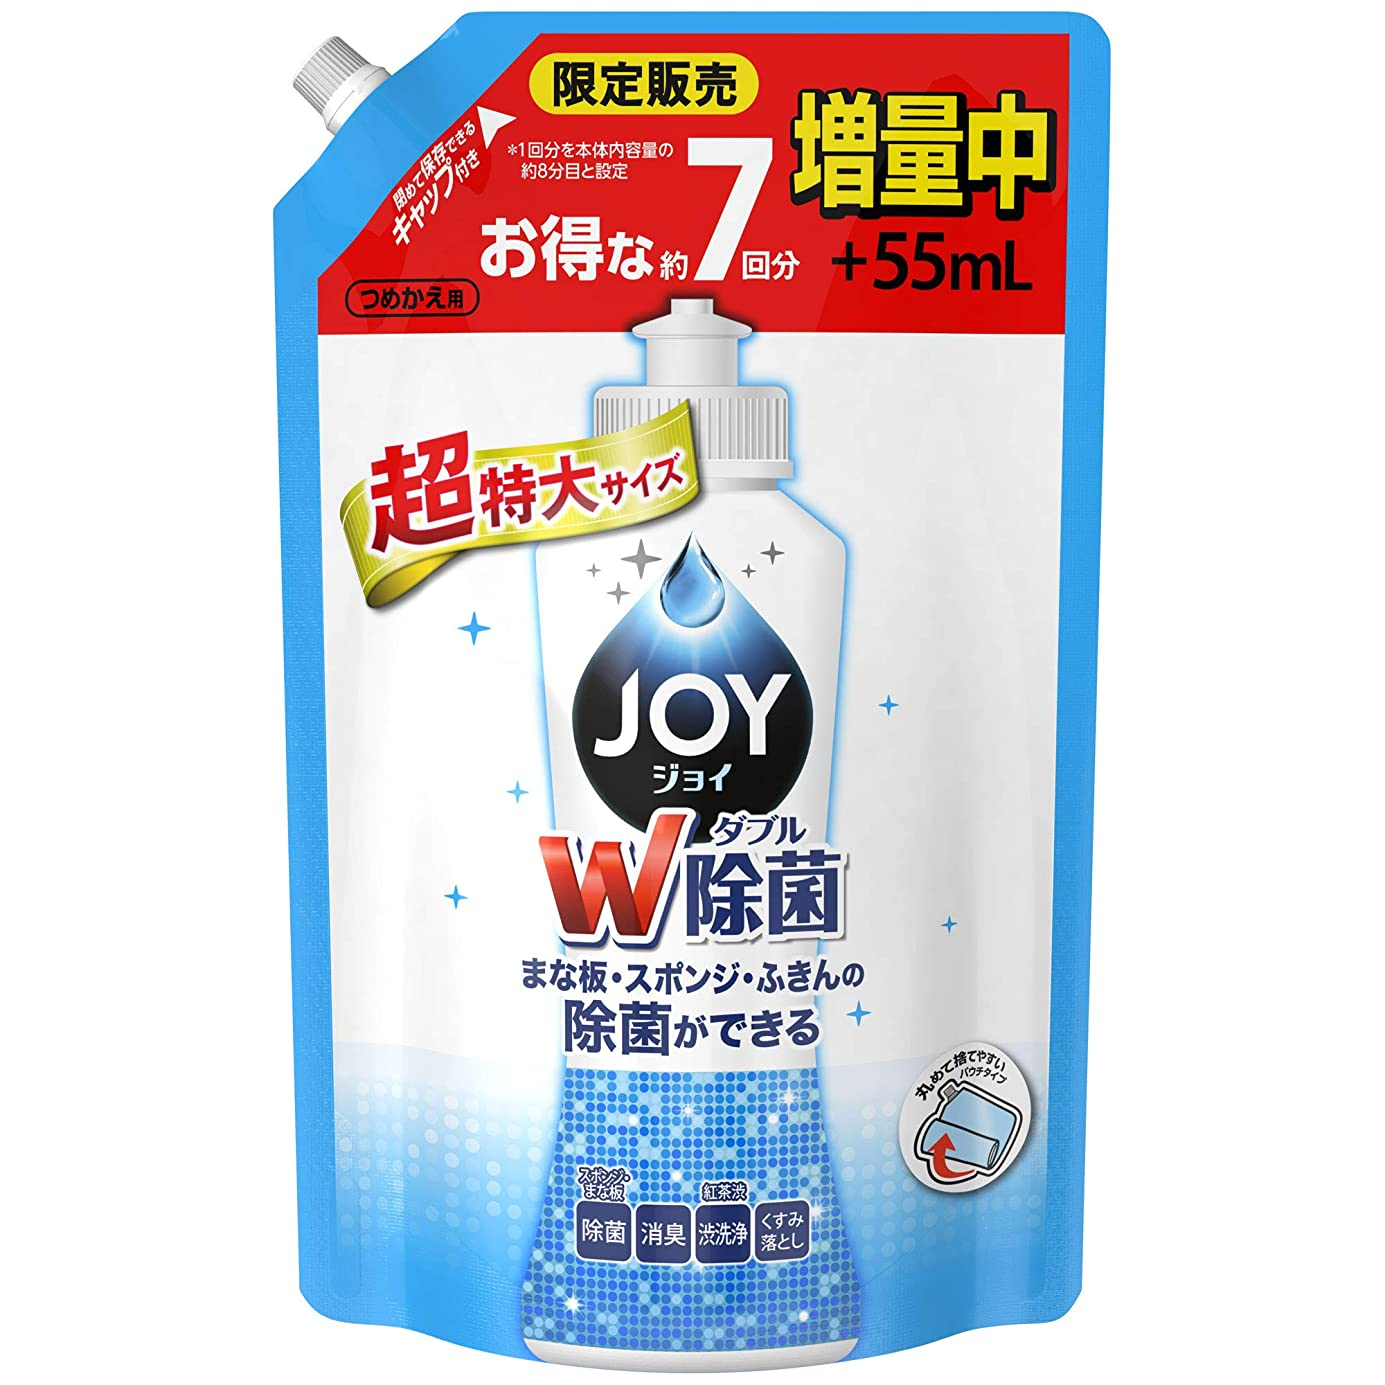 権威寸前地元除菌ジョイ コンパクト 食器洗剤 詰め替え 超特大増量 1120 mL